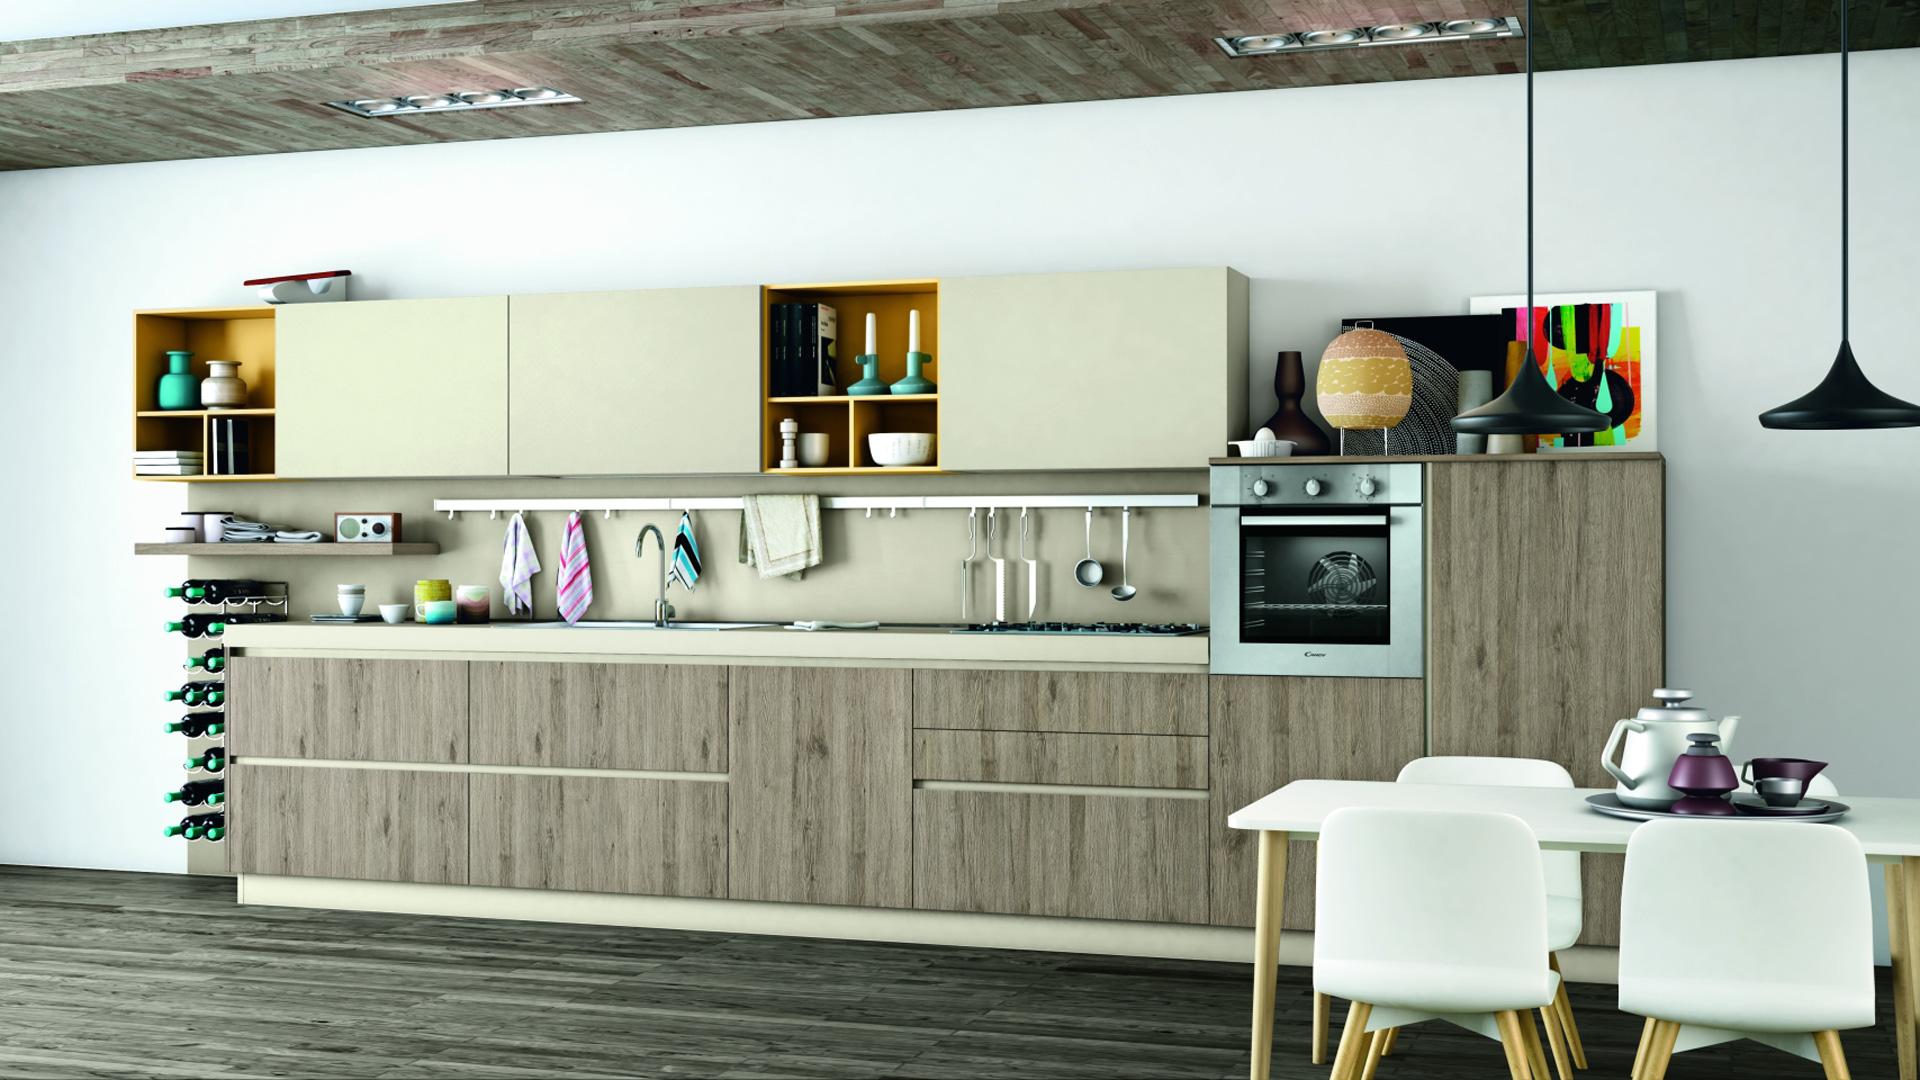 creo cucine moderne ank - shop online su grancasa - Cucina Grancasa